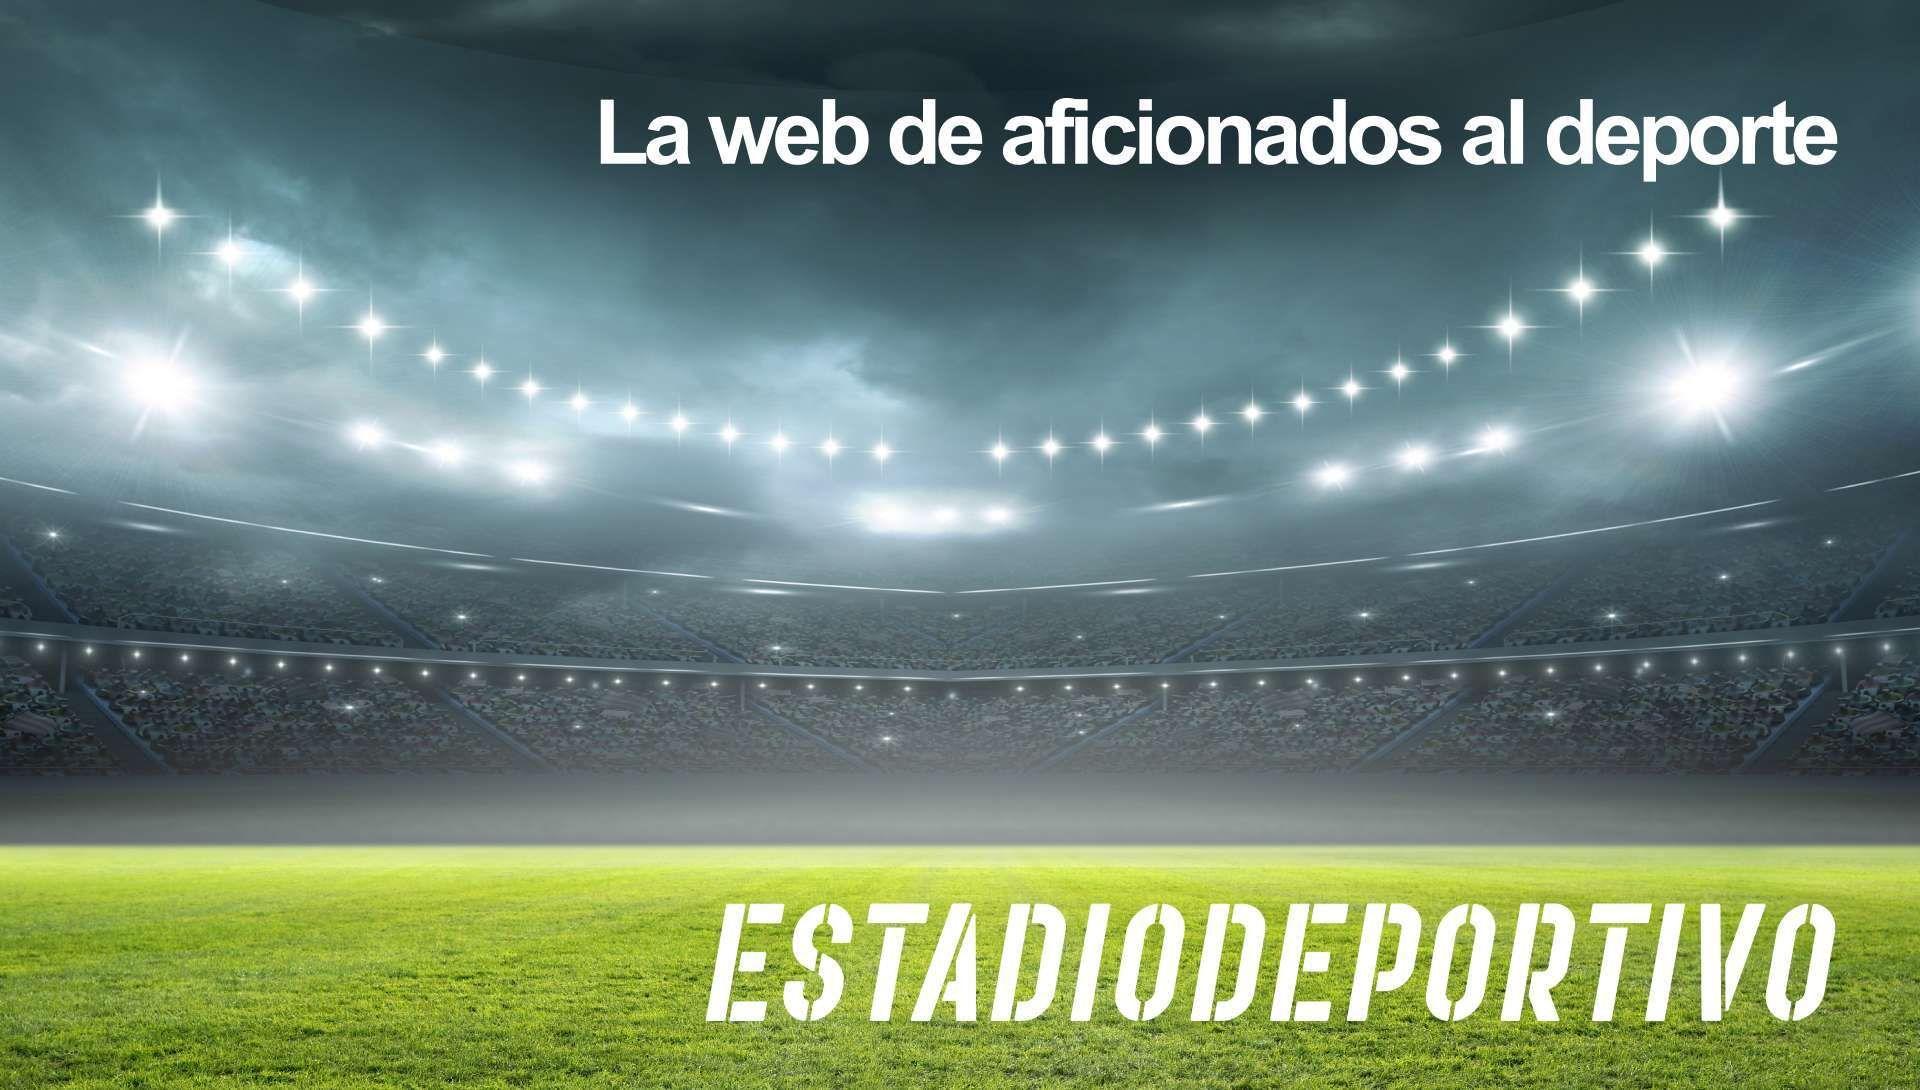 Las portadas del jueves 4 de febrero